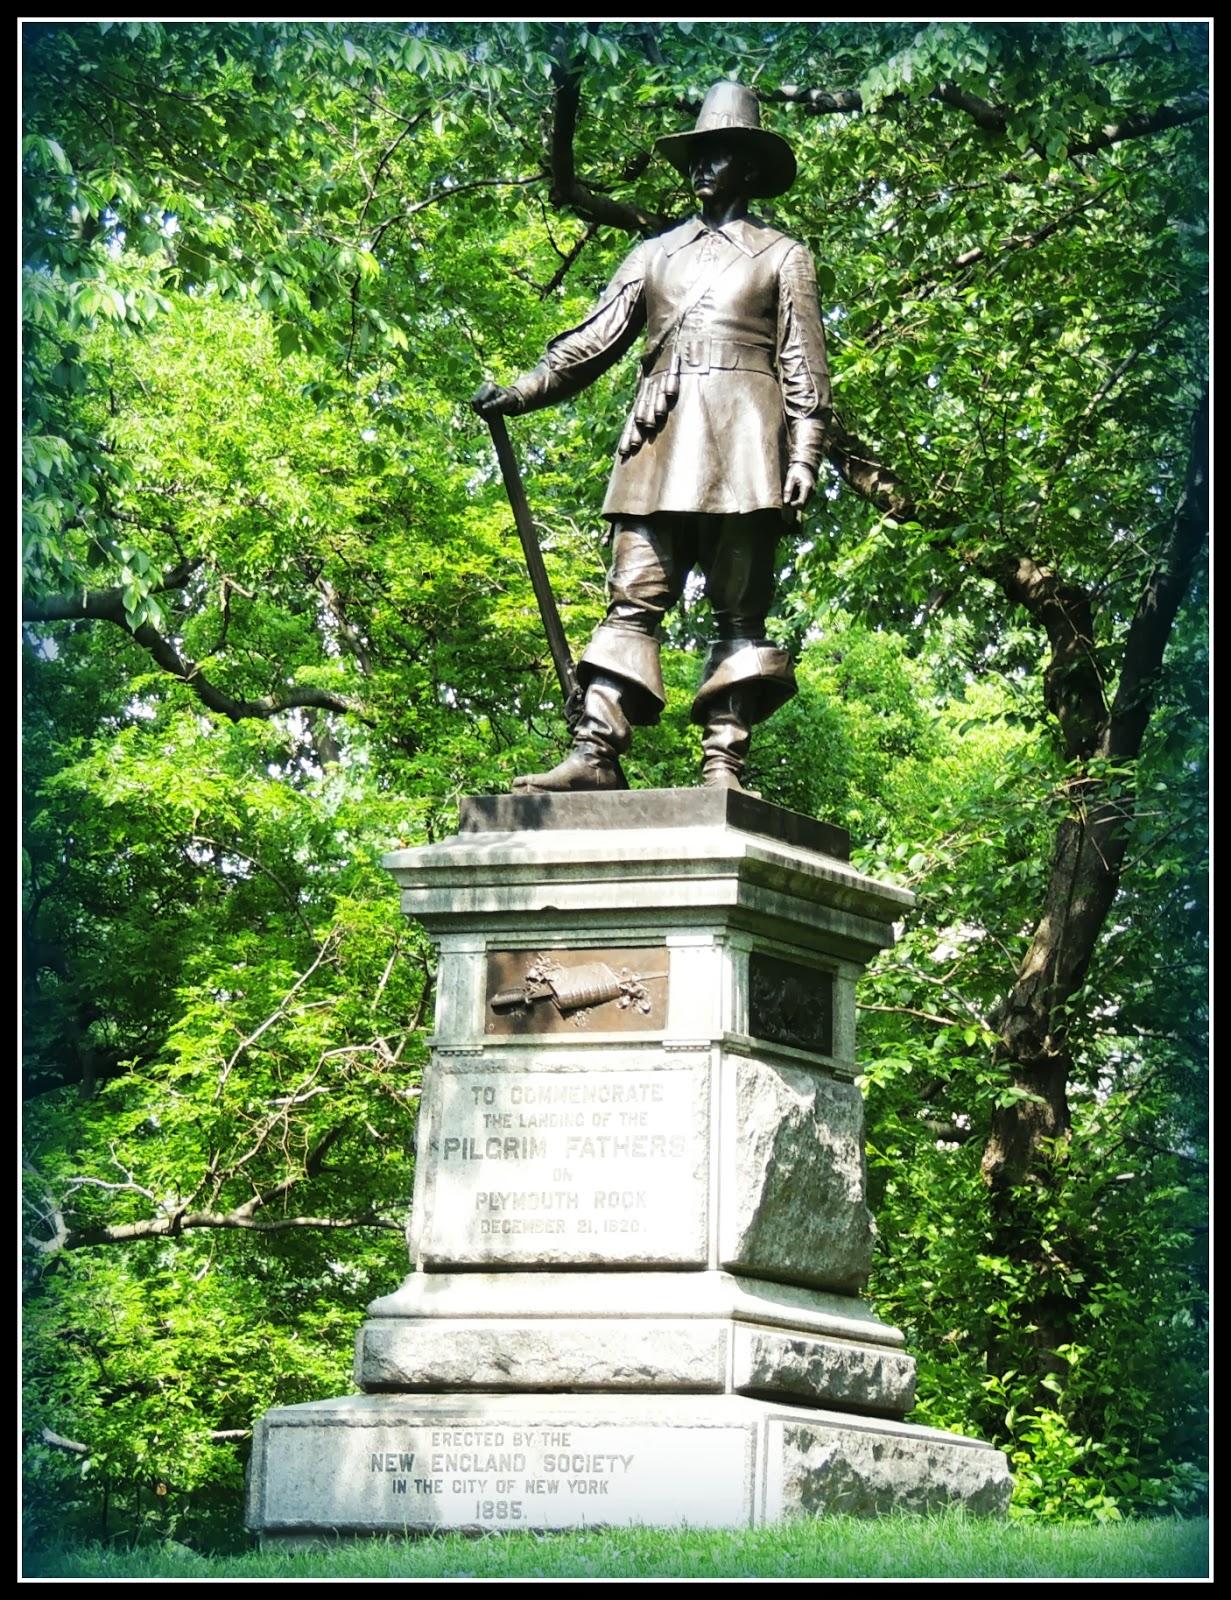 NY en 3 Días: Escultura del Peregrino en Central Park